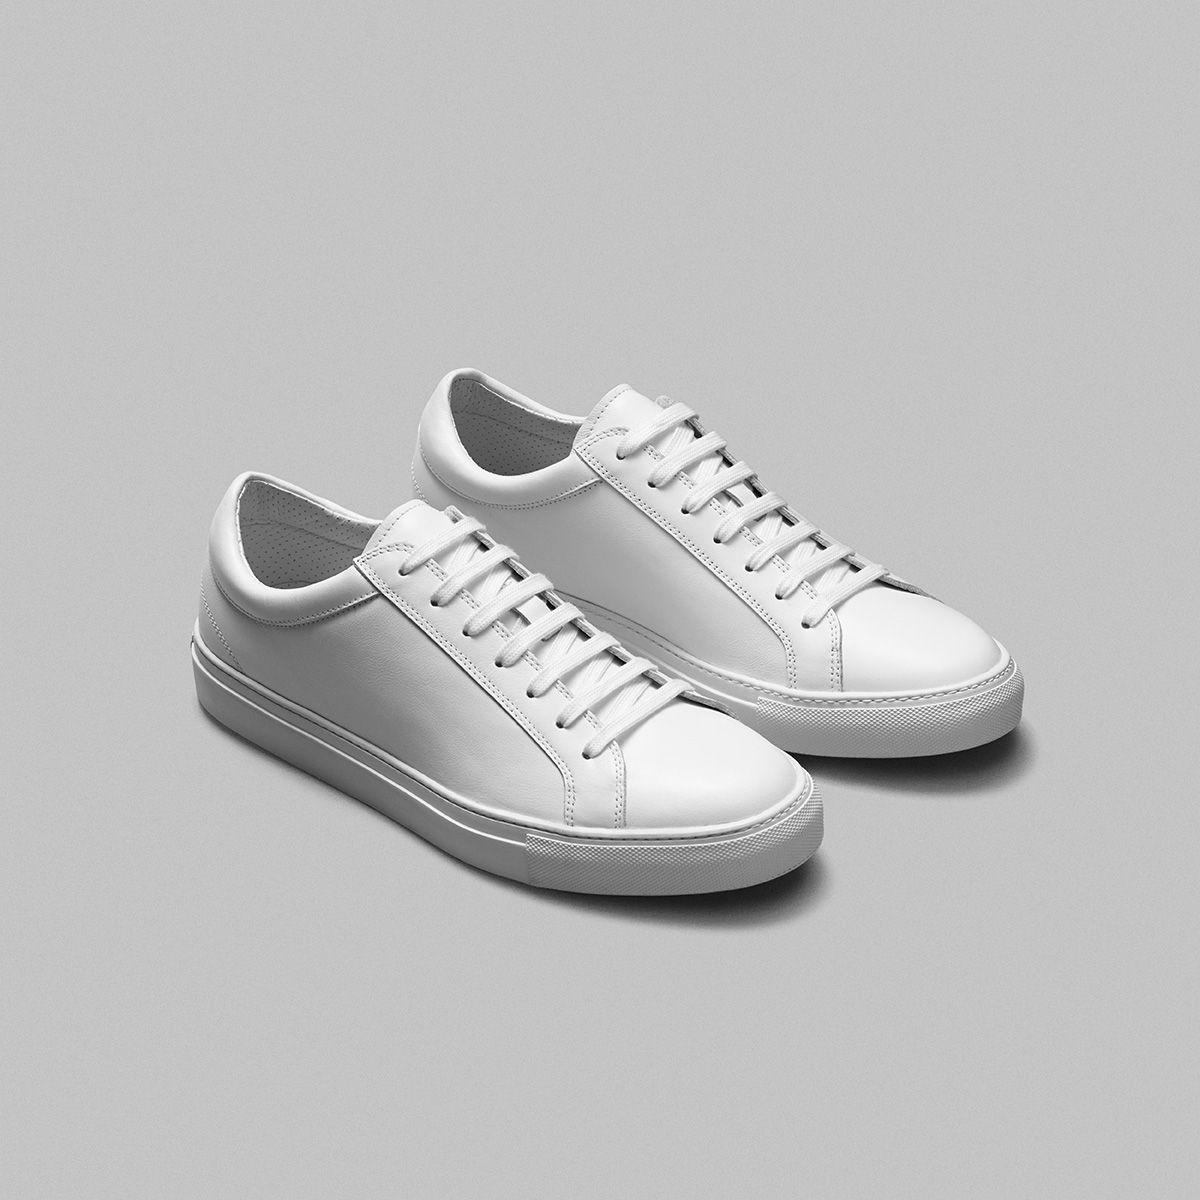 white leather sneakers men | White